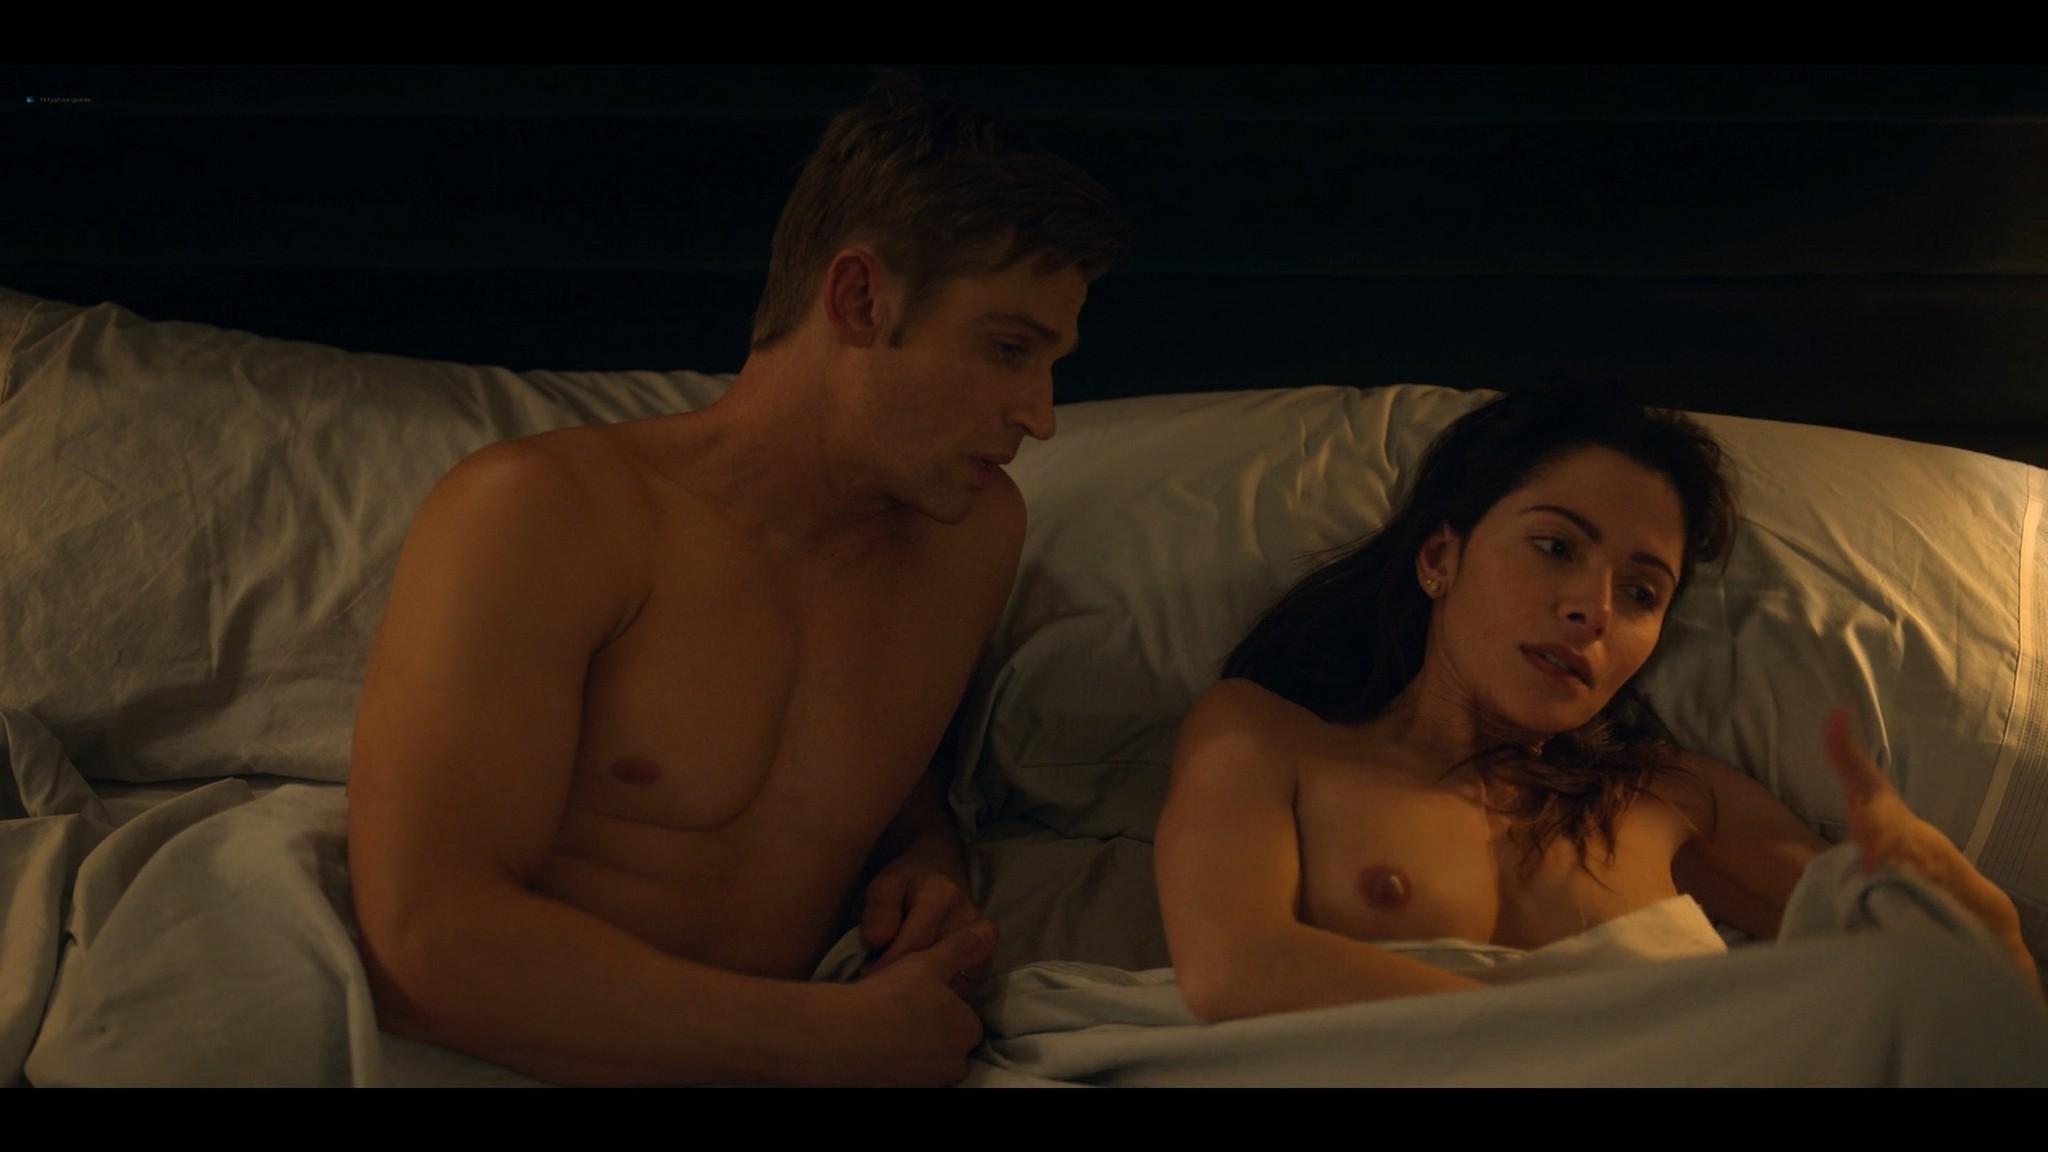 Sarah Shahi nude debut lot of hot sex Sex Life 2021 s1e1 1080p Web 10